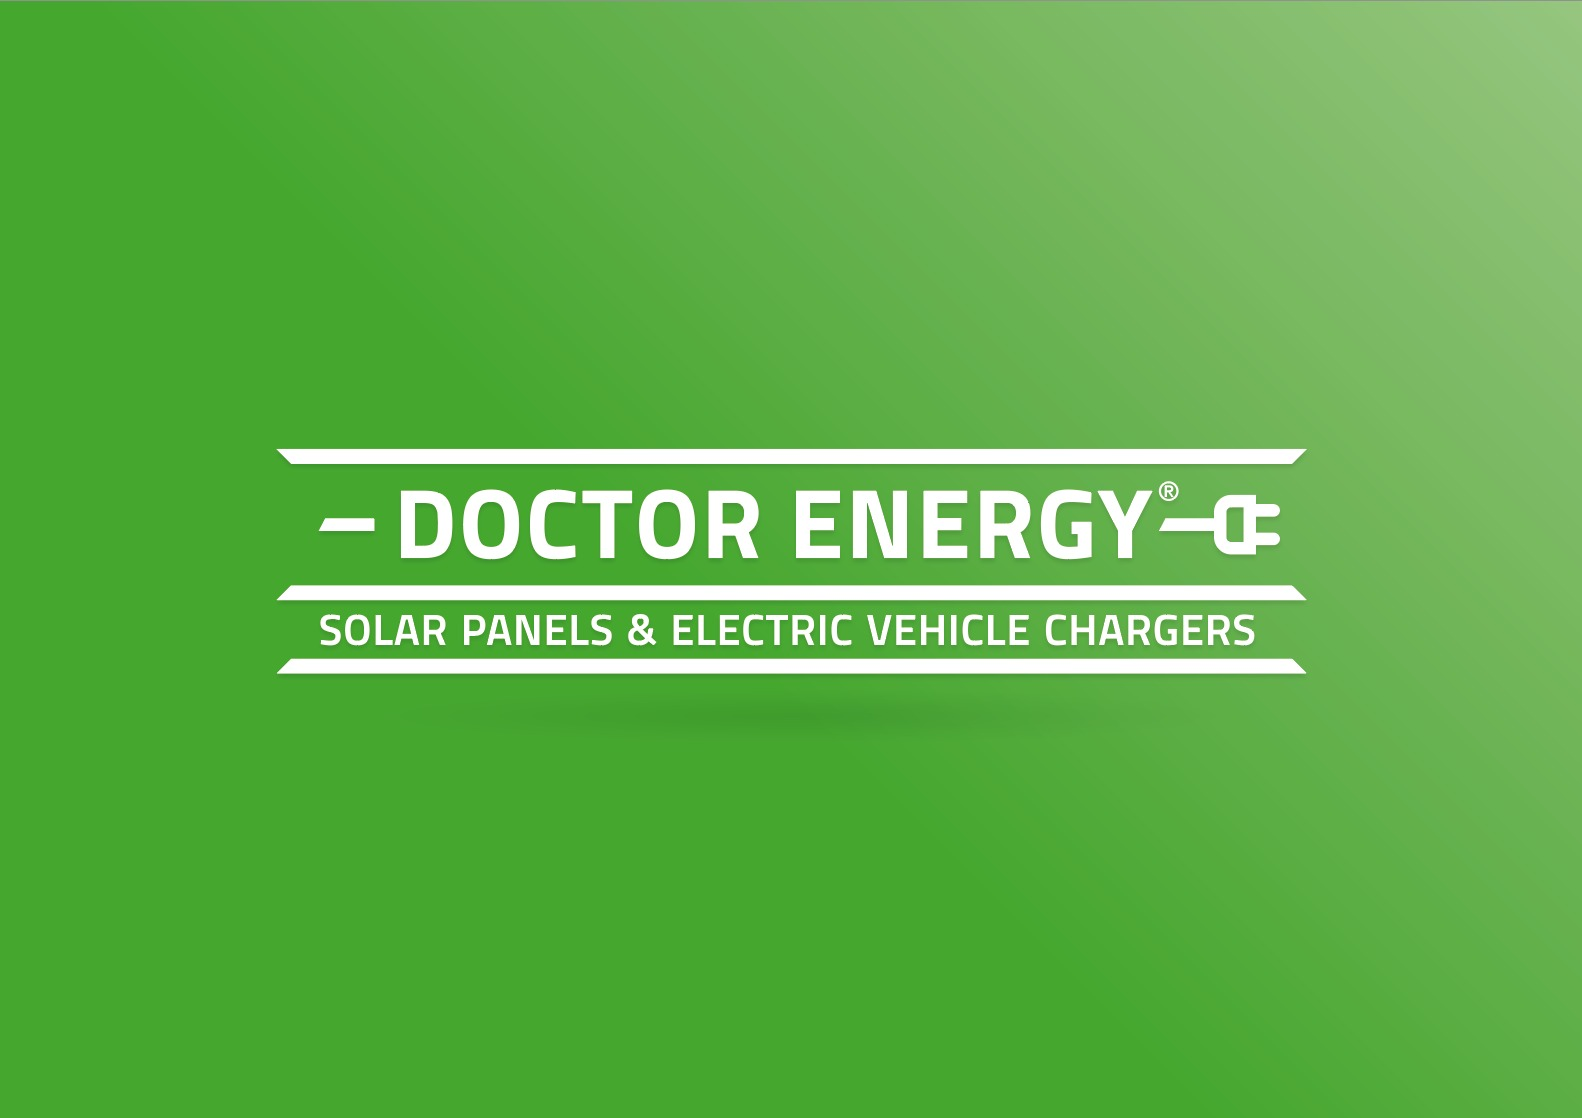 Doctor Energy®